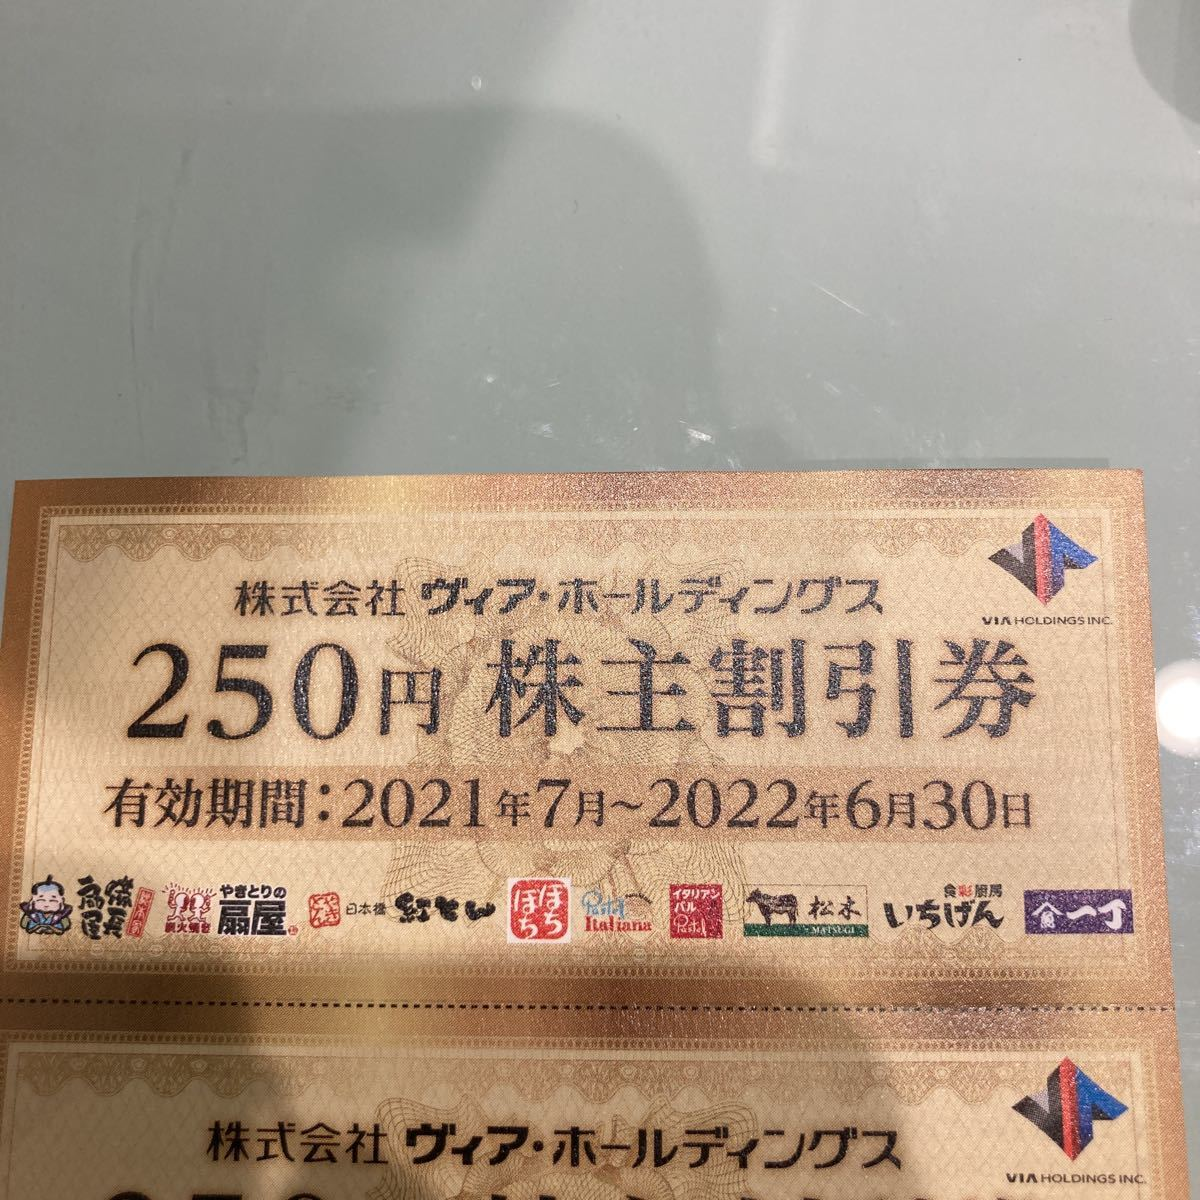 ヴィア・ホールディングス 株主優待 ヴィアホールディングス 250円株主割引券_画像1